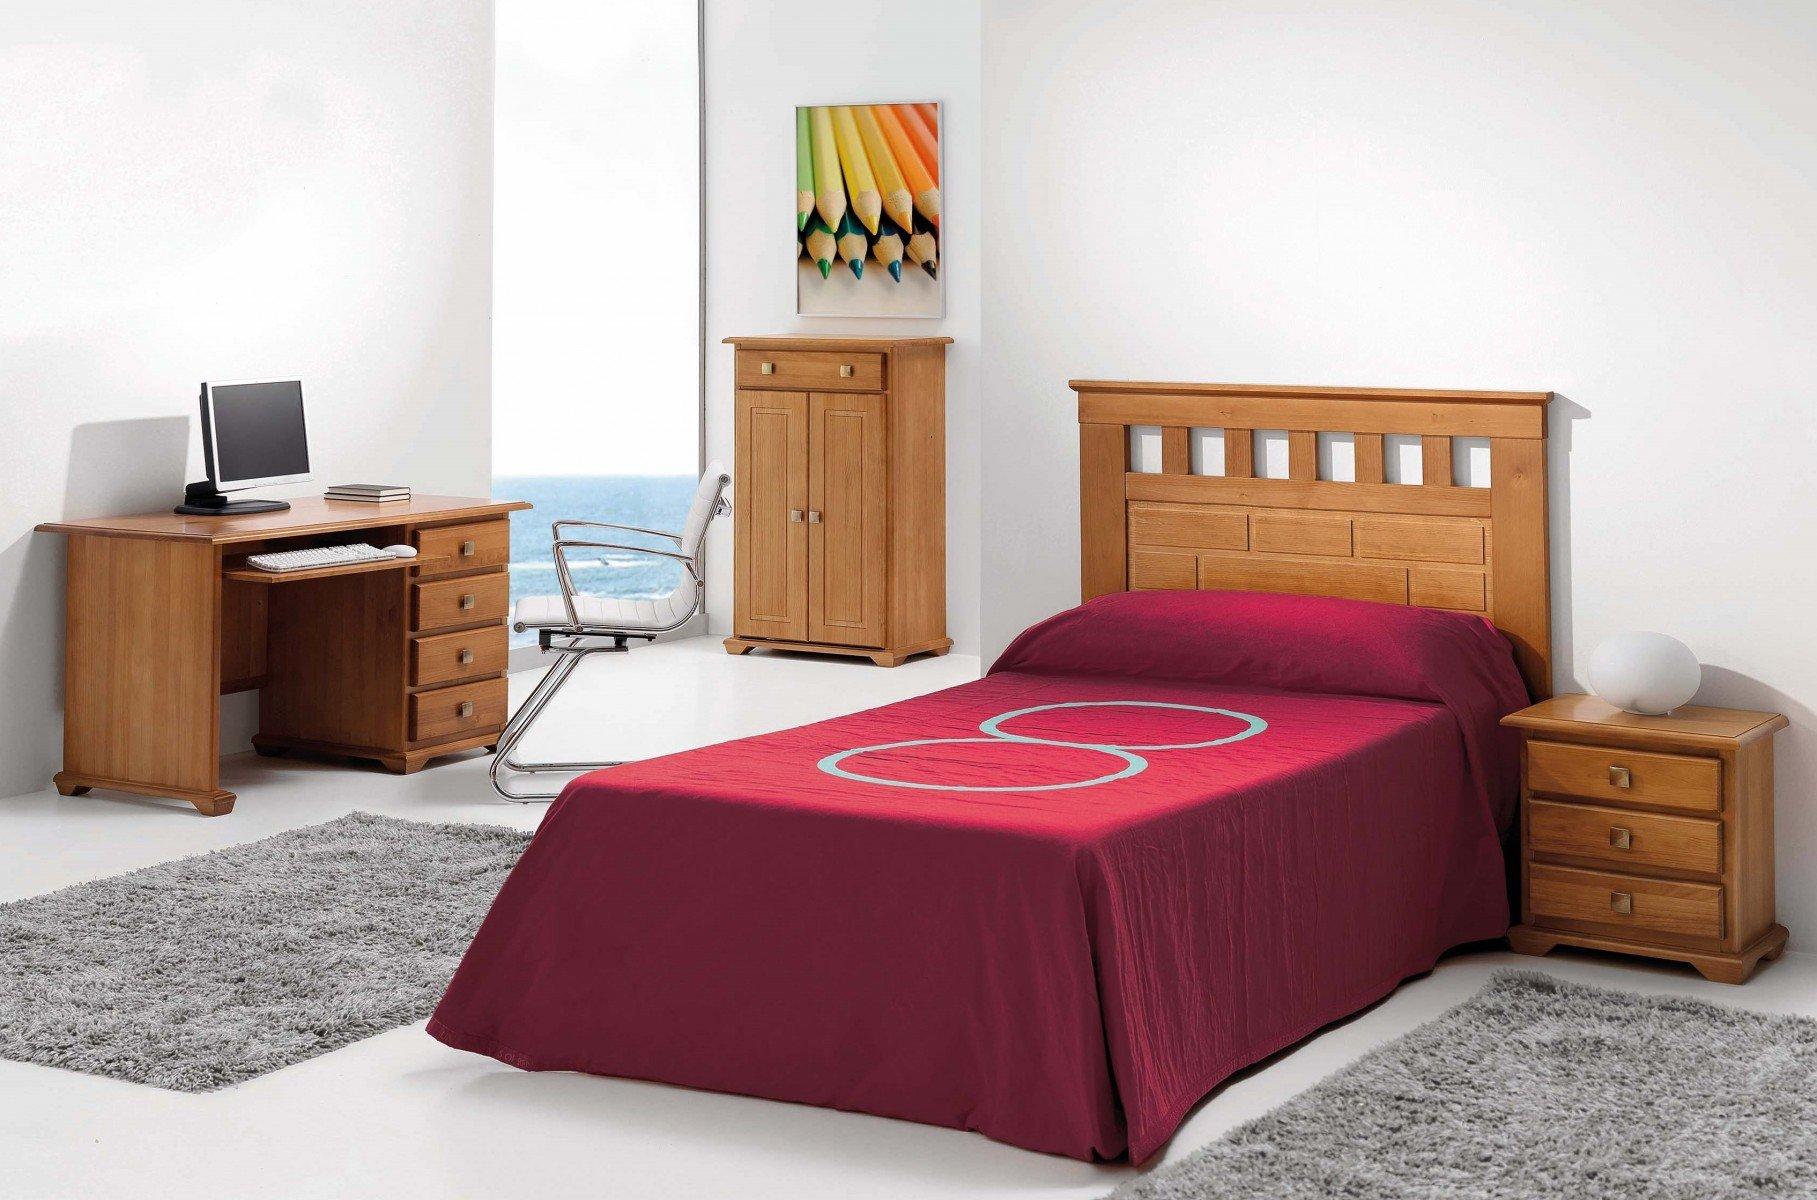 Muebles y decoraci n valencia tienda decoraci n valencia - Dormitorios rusticos juveniles ...